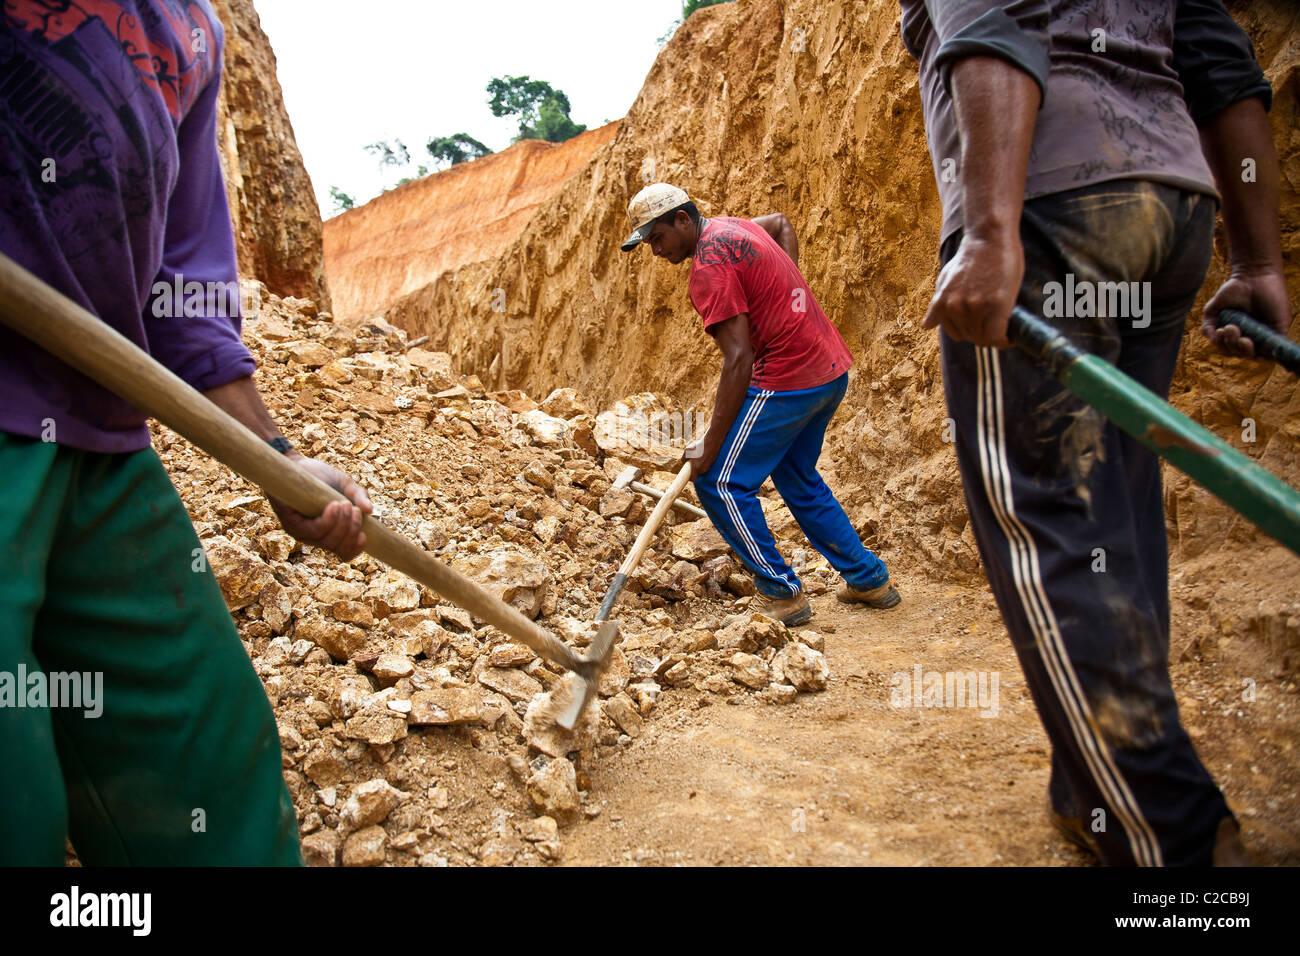 La prospección de yacimientos de oro de hardrock Amazon examen de superficie de los afloramientos rocosos, buscando exposiciones de vetas de minerales Foto de stock